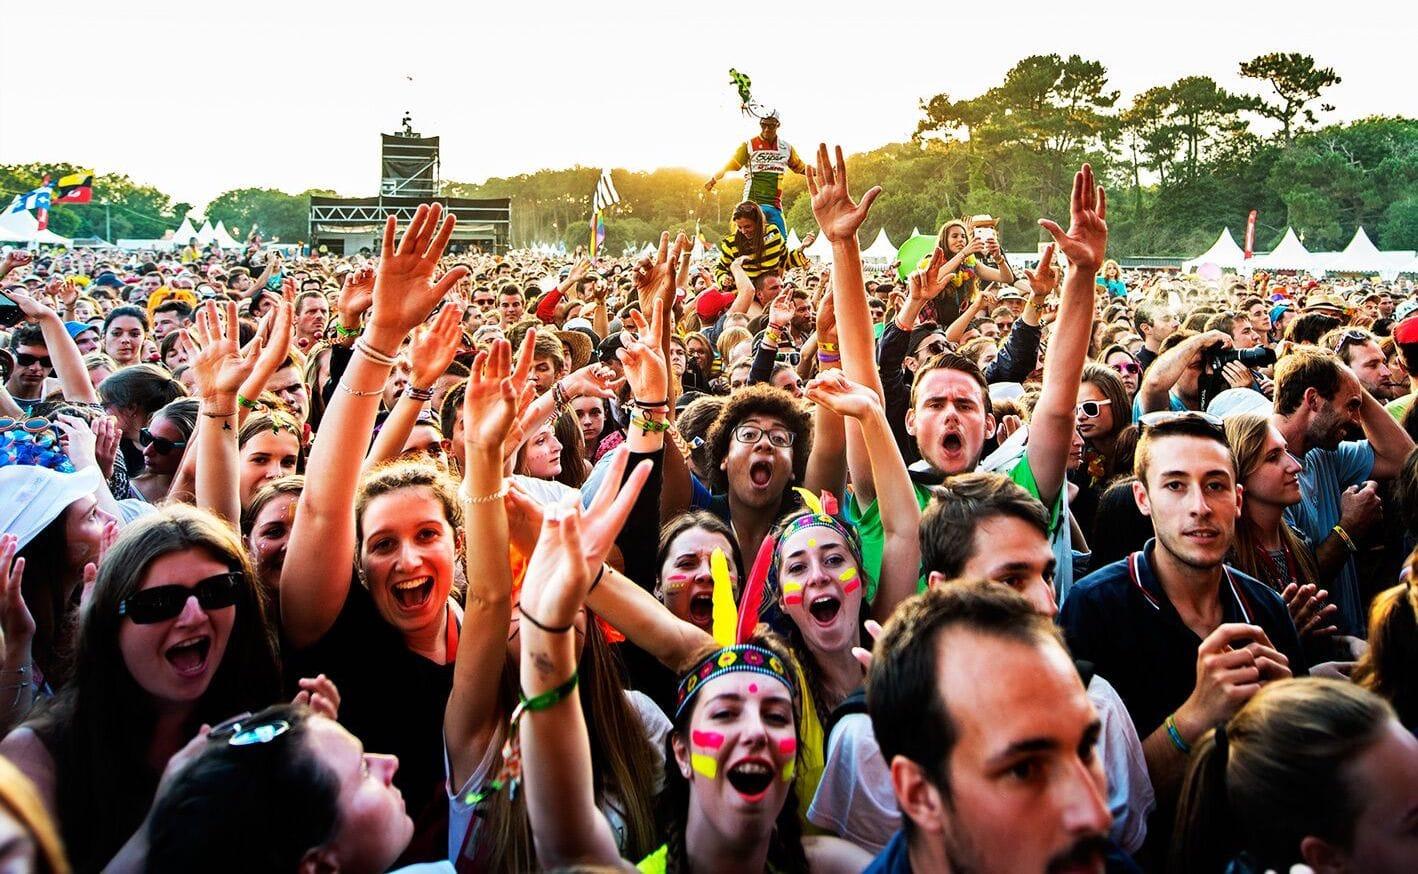 Festival du Bout du Monde photo